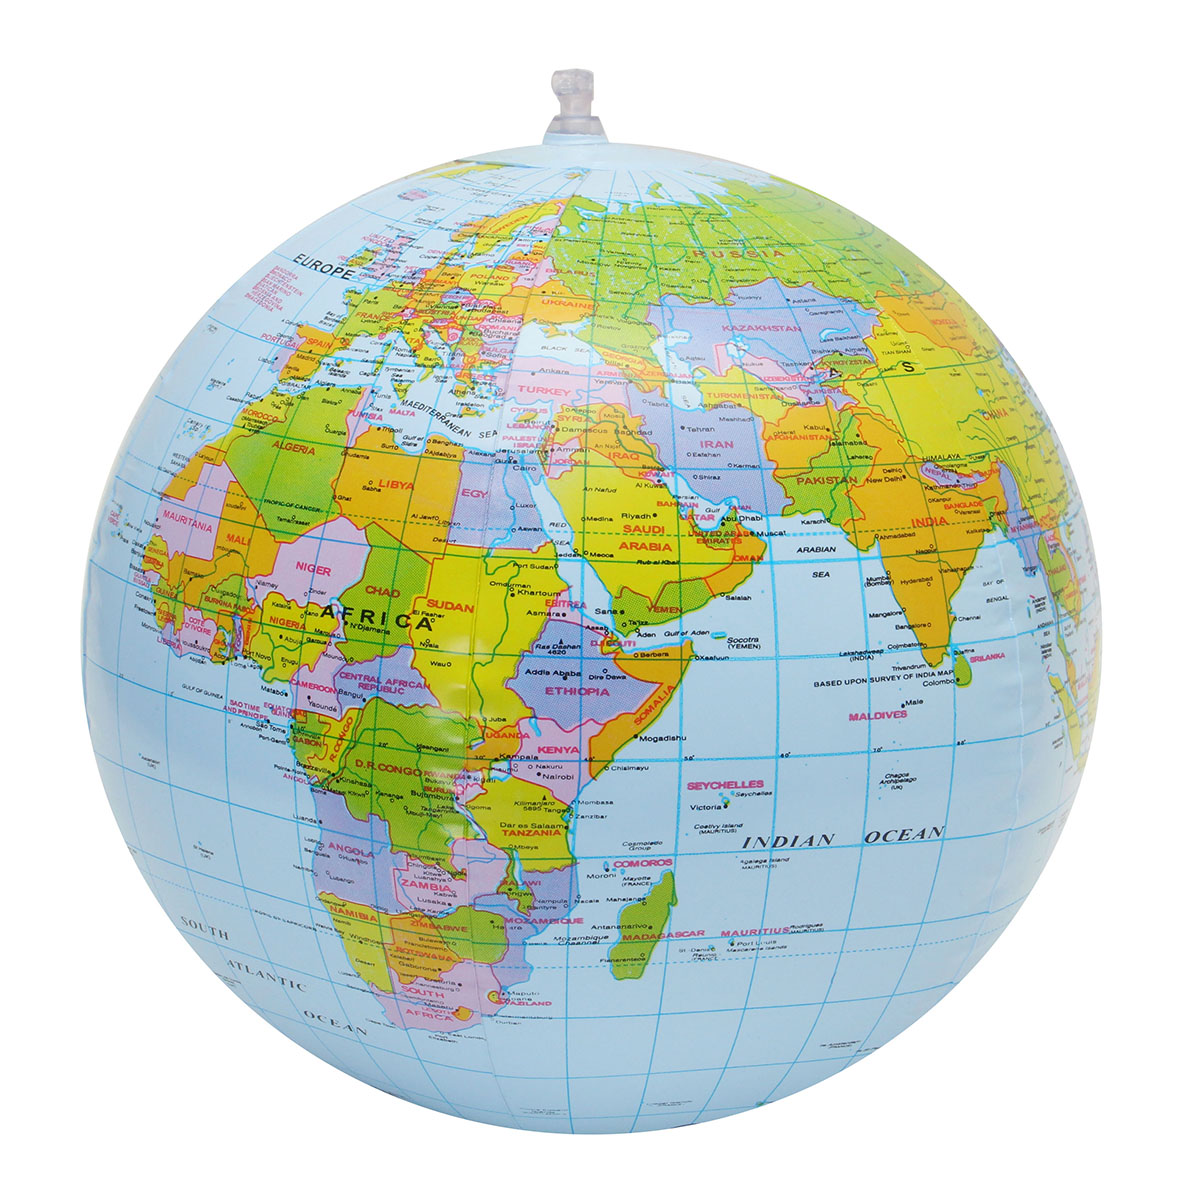 Karte Erde.Neue 30 Cm Aufblasbare Globus Welt Erde Ozean Karte Ball Geographie Lernen Pädagogisches Ball Kinder Spielzeug Home Büro Dekoration